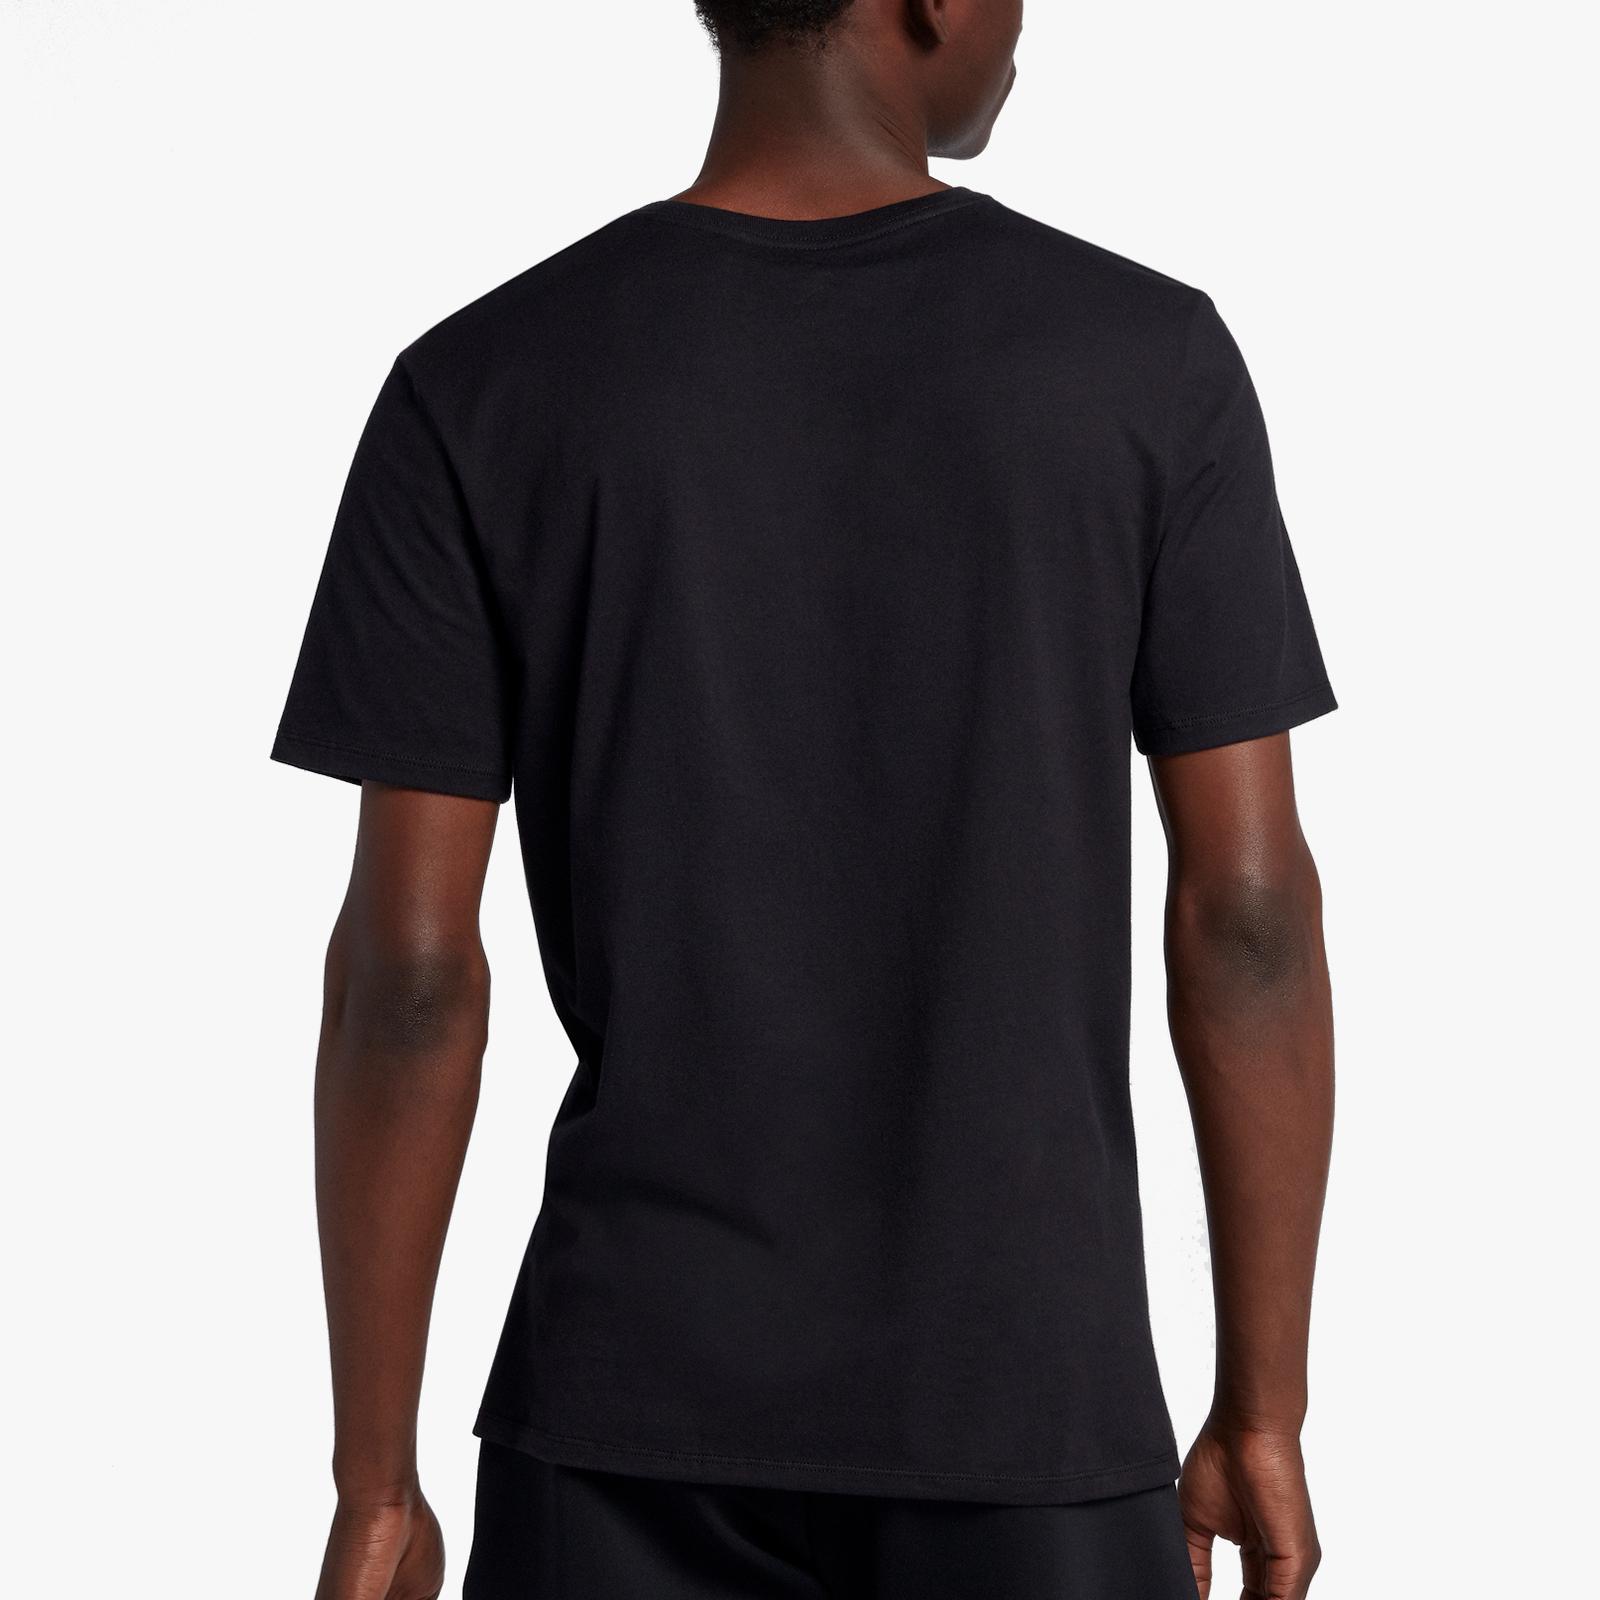 2e24493d8d9 Jordan Brand Legacy AJ11 Tee 3 - Bq0262-010 - Sneakersnstuff | sneakers &  streetwear online since 1999